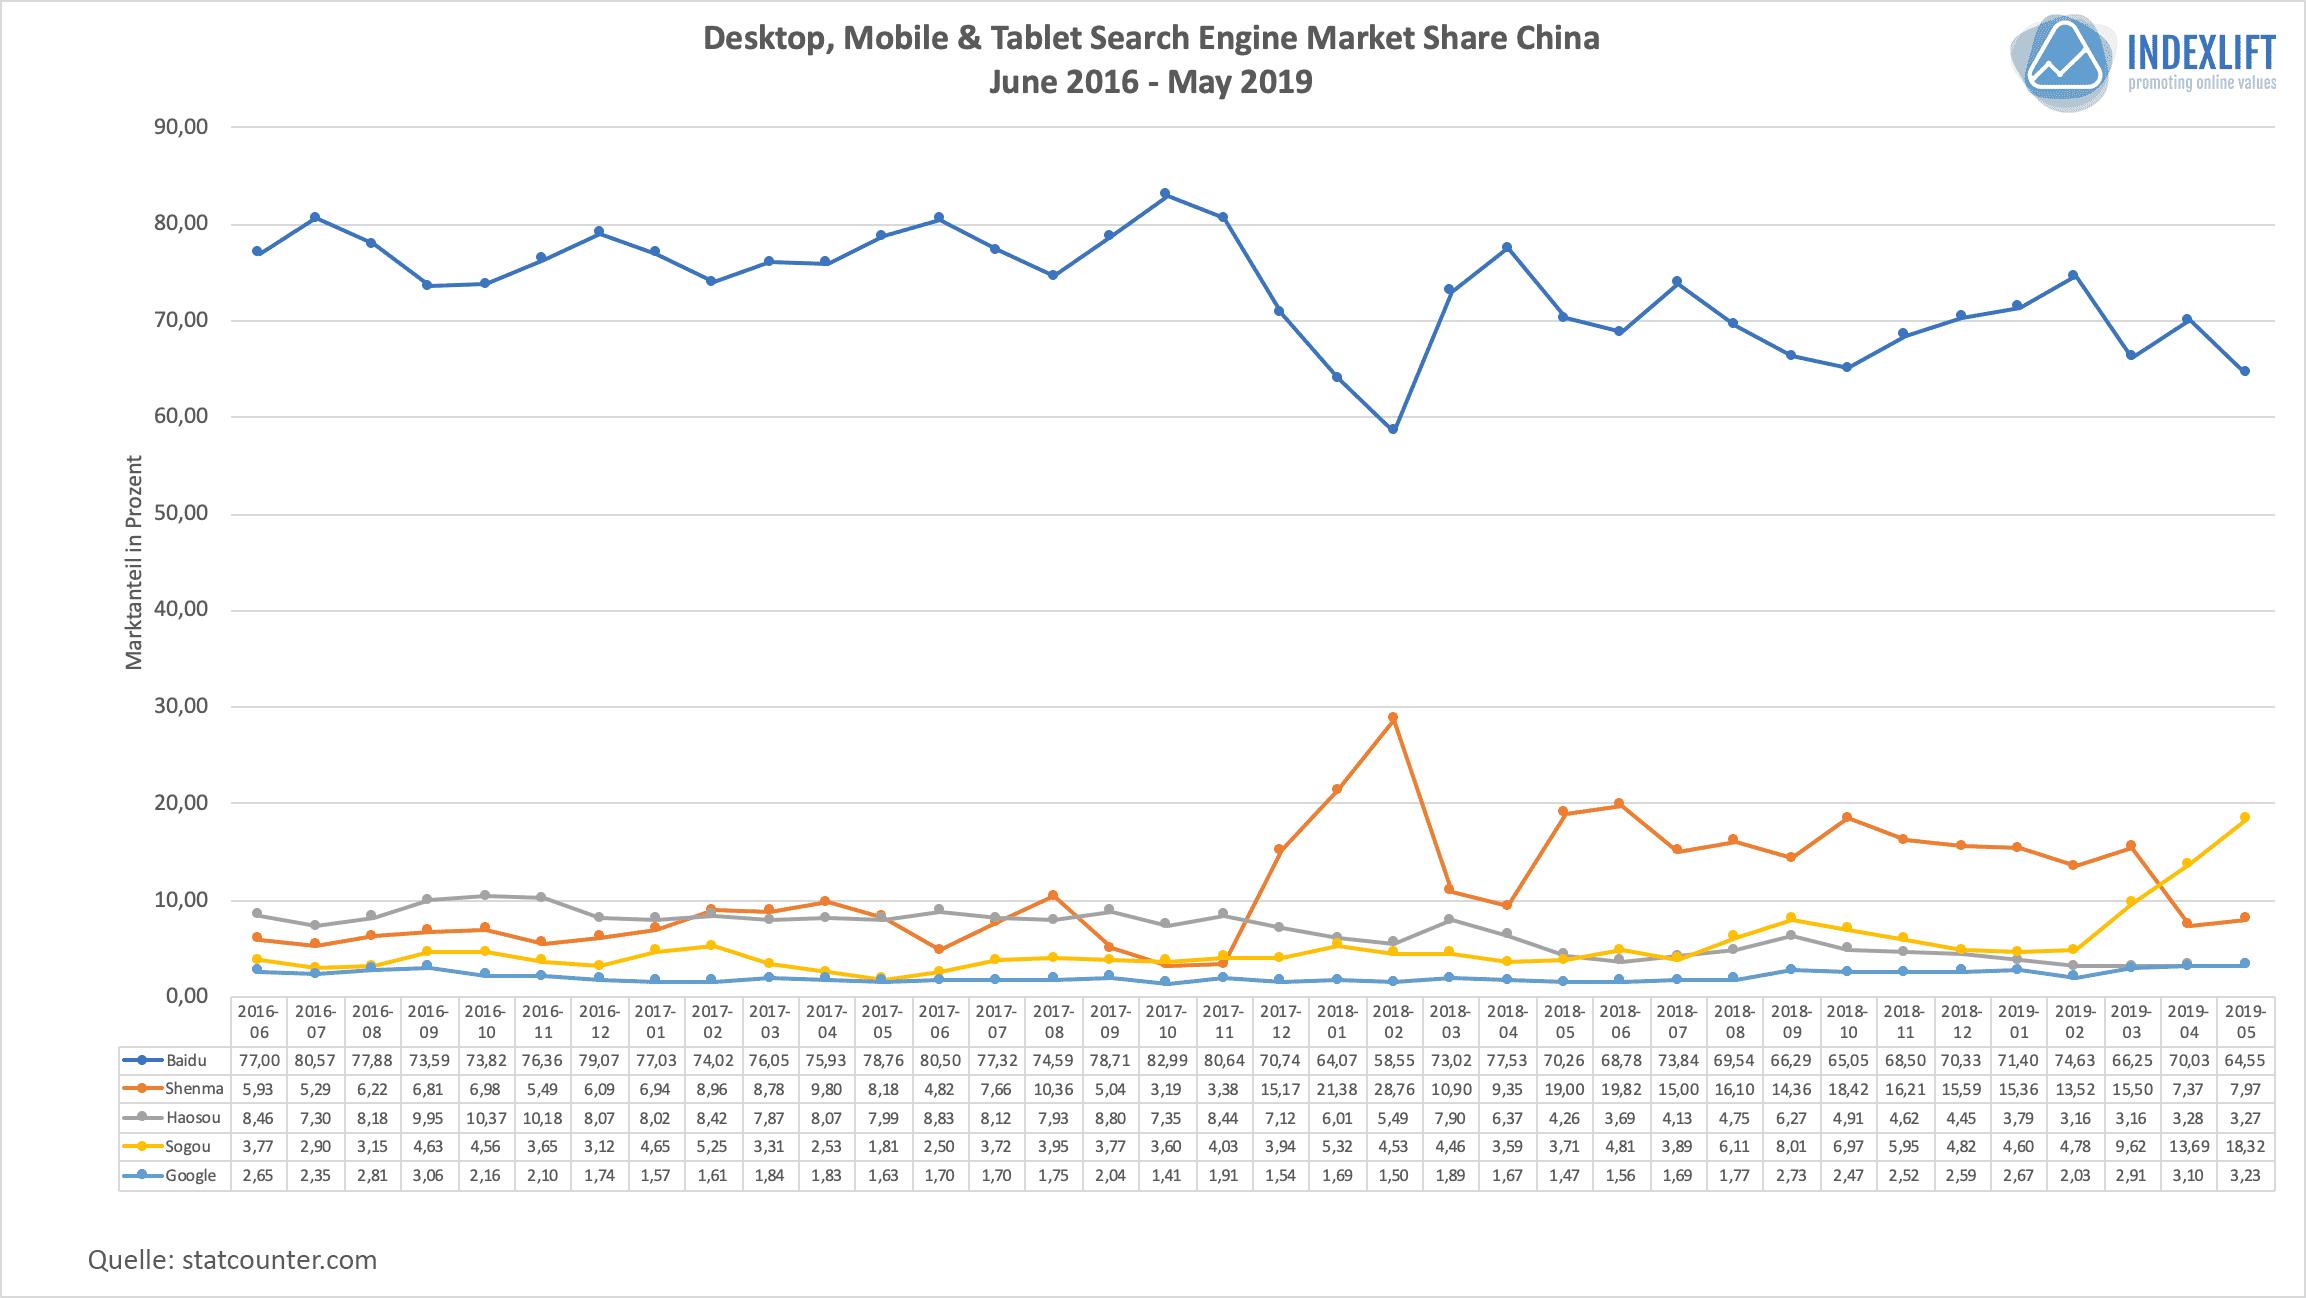 Suchmaschinen-Verteilung in China